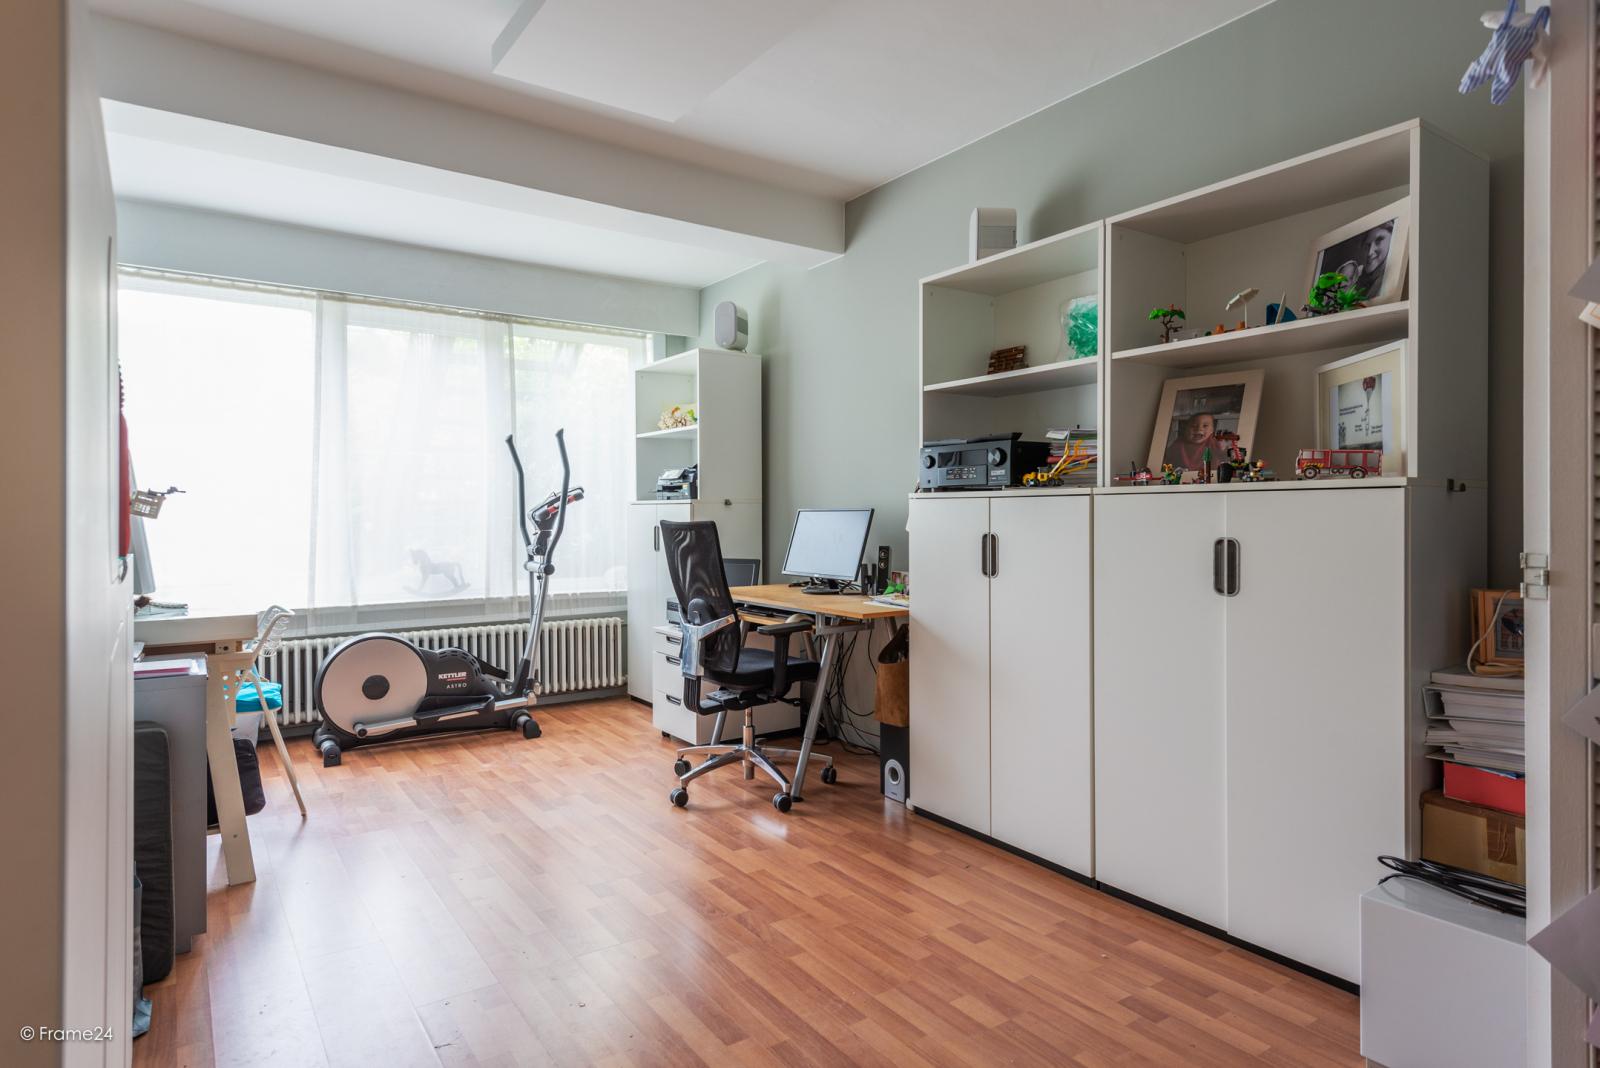 Zeer ruime en volledig instapklare bel-étagewoning met 4 slaapkamers te Wilrijk! afbeelding 13